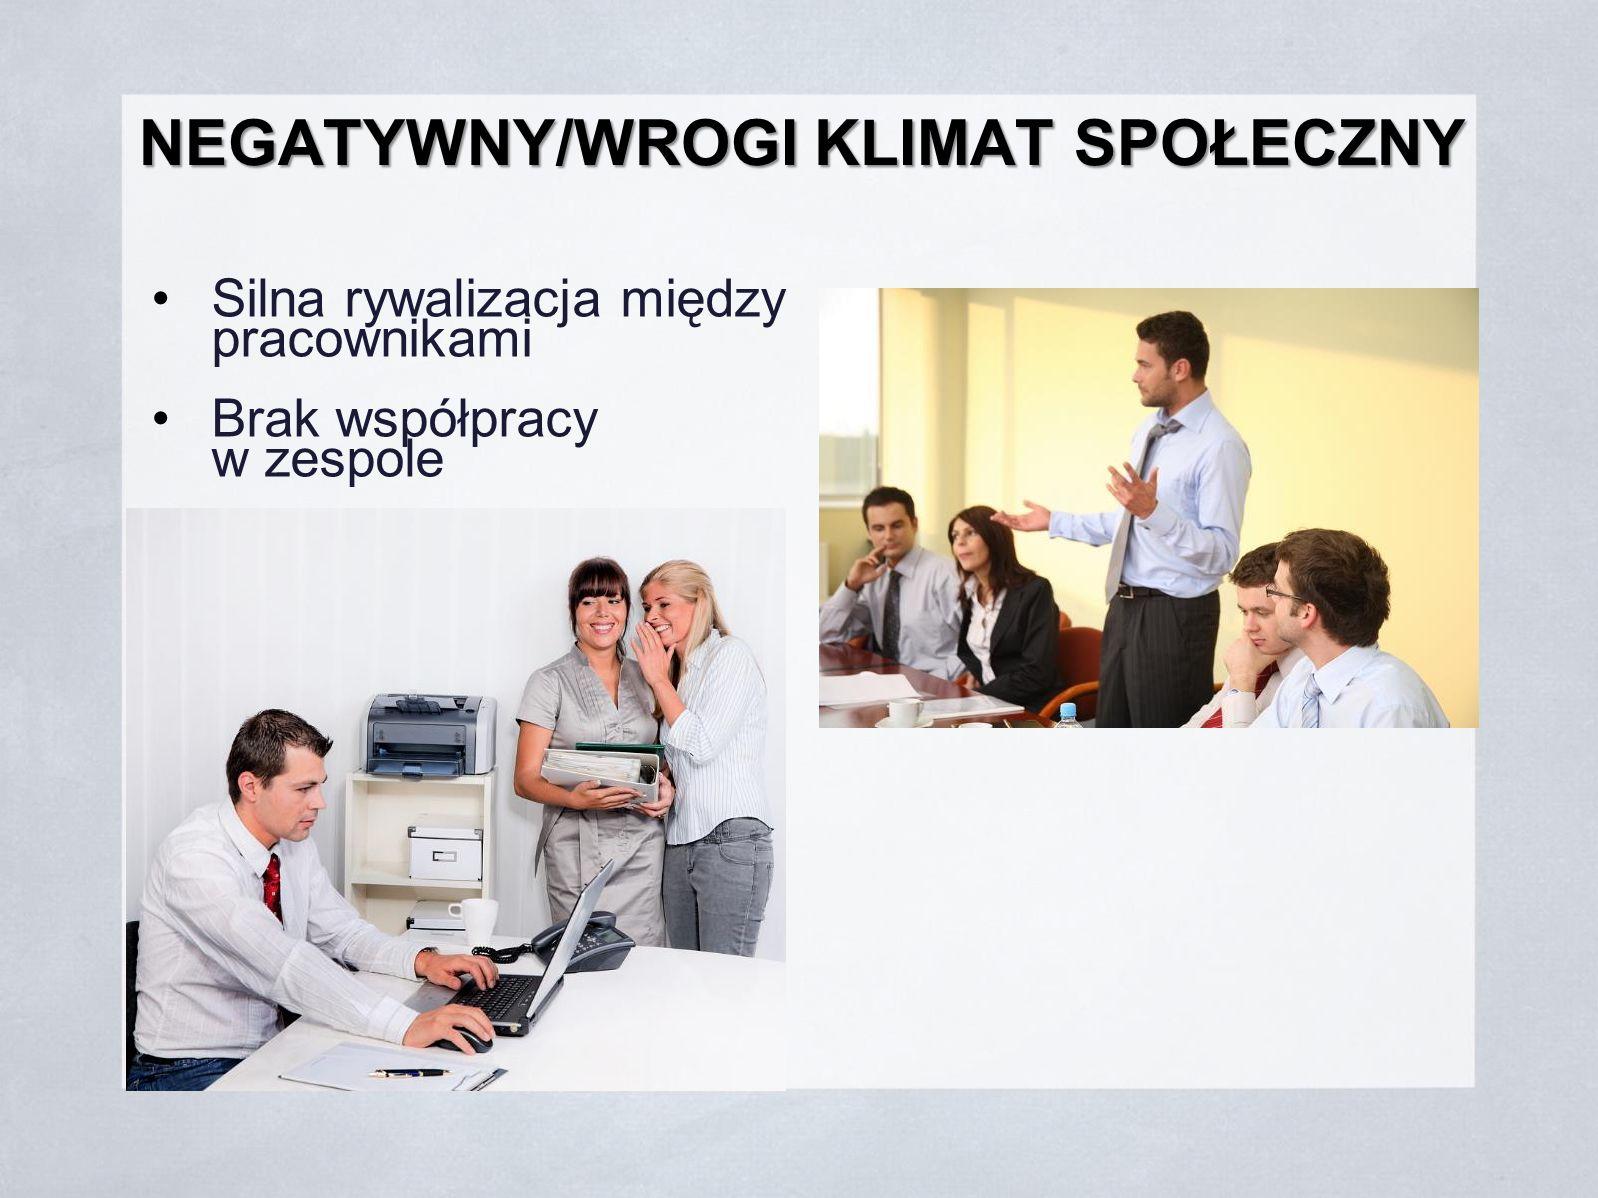 NEGATYWNY/WROGI KLIMAT SPOŁECZNY Silna rywalizacja między pracownikami Brak współpracy w zespole